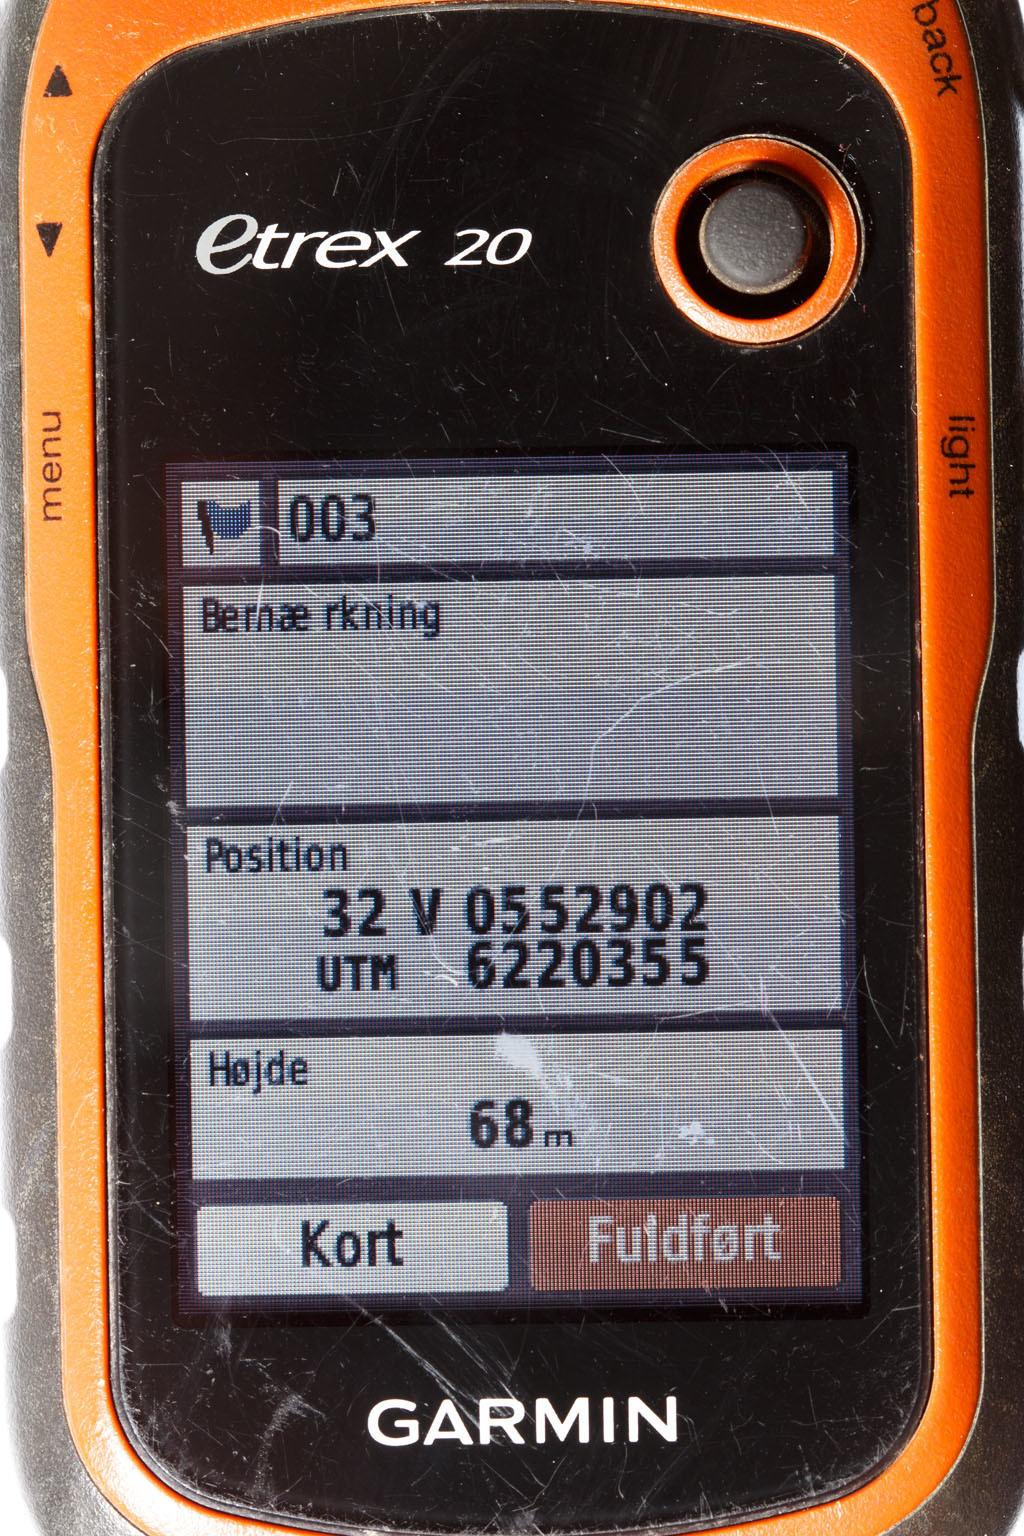 opsaetning-af-garmin-gps-006